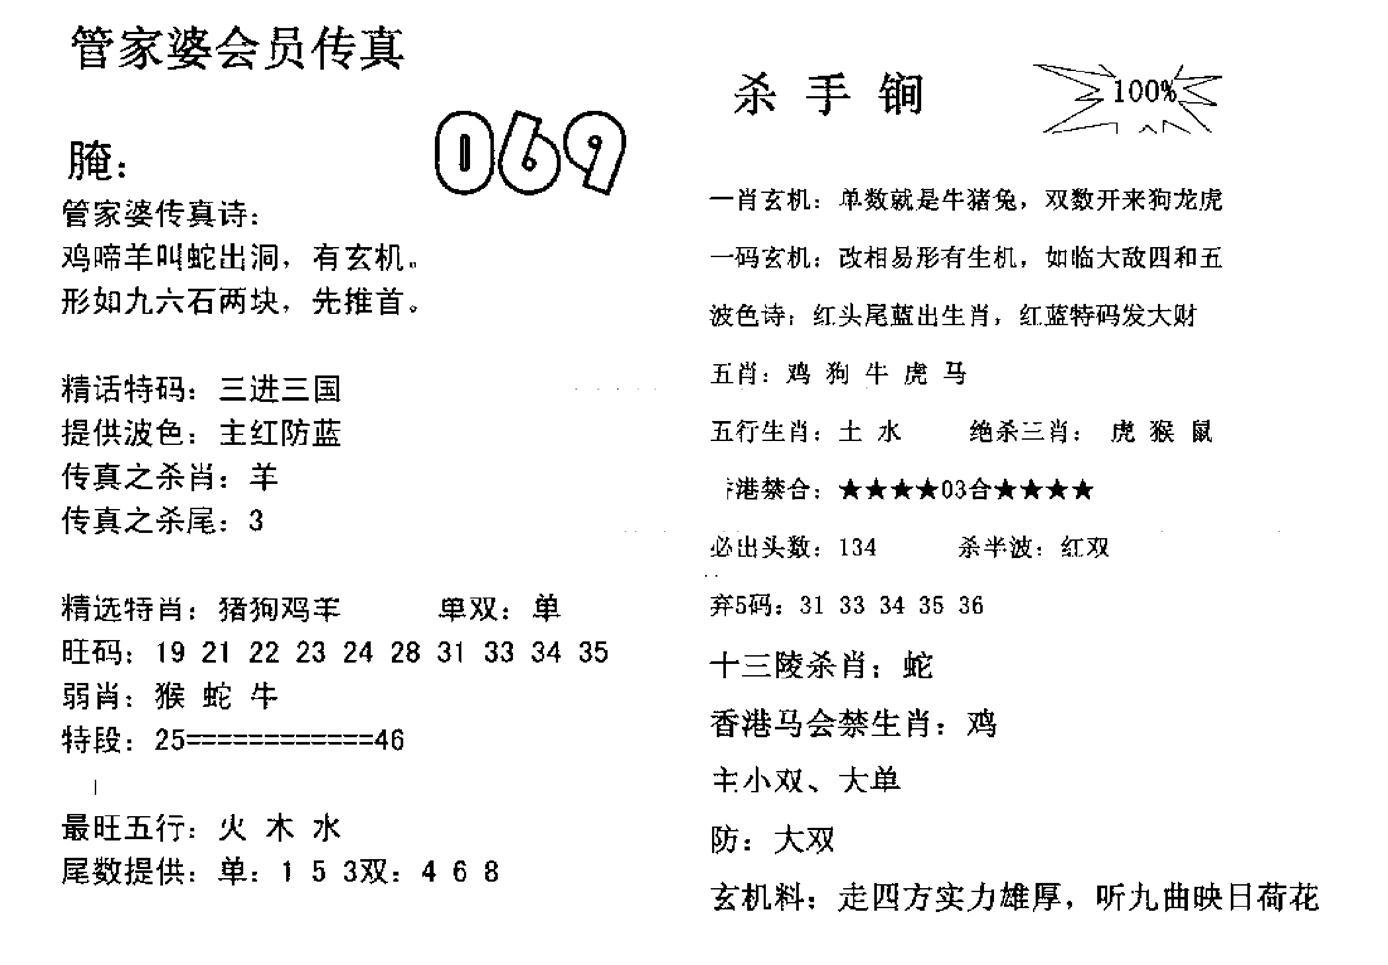 069期管家婆会员传真(黑白)